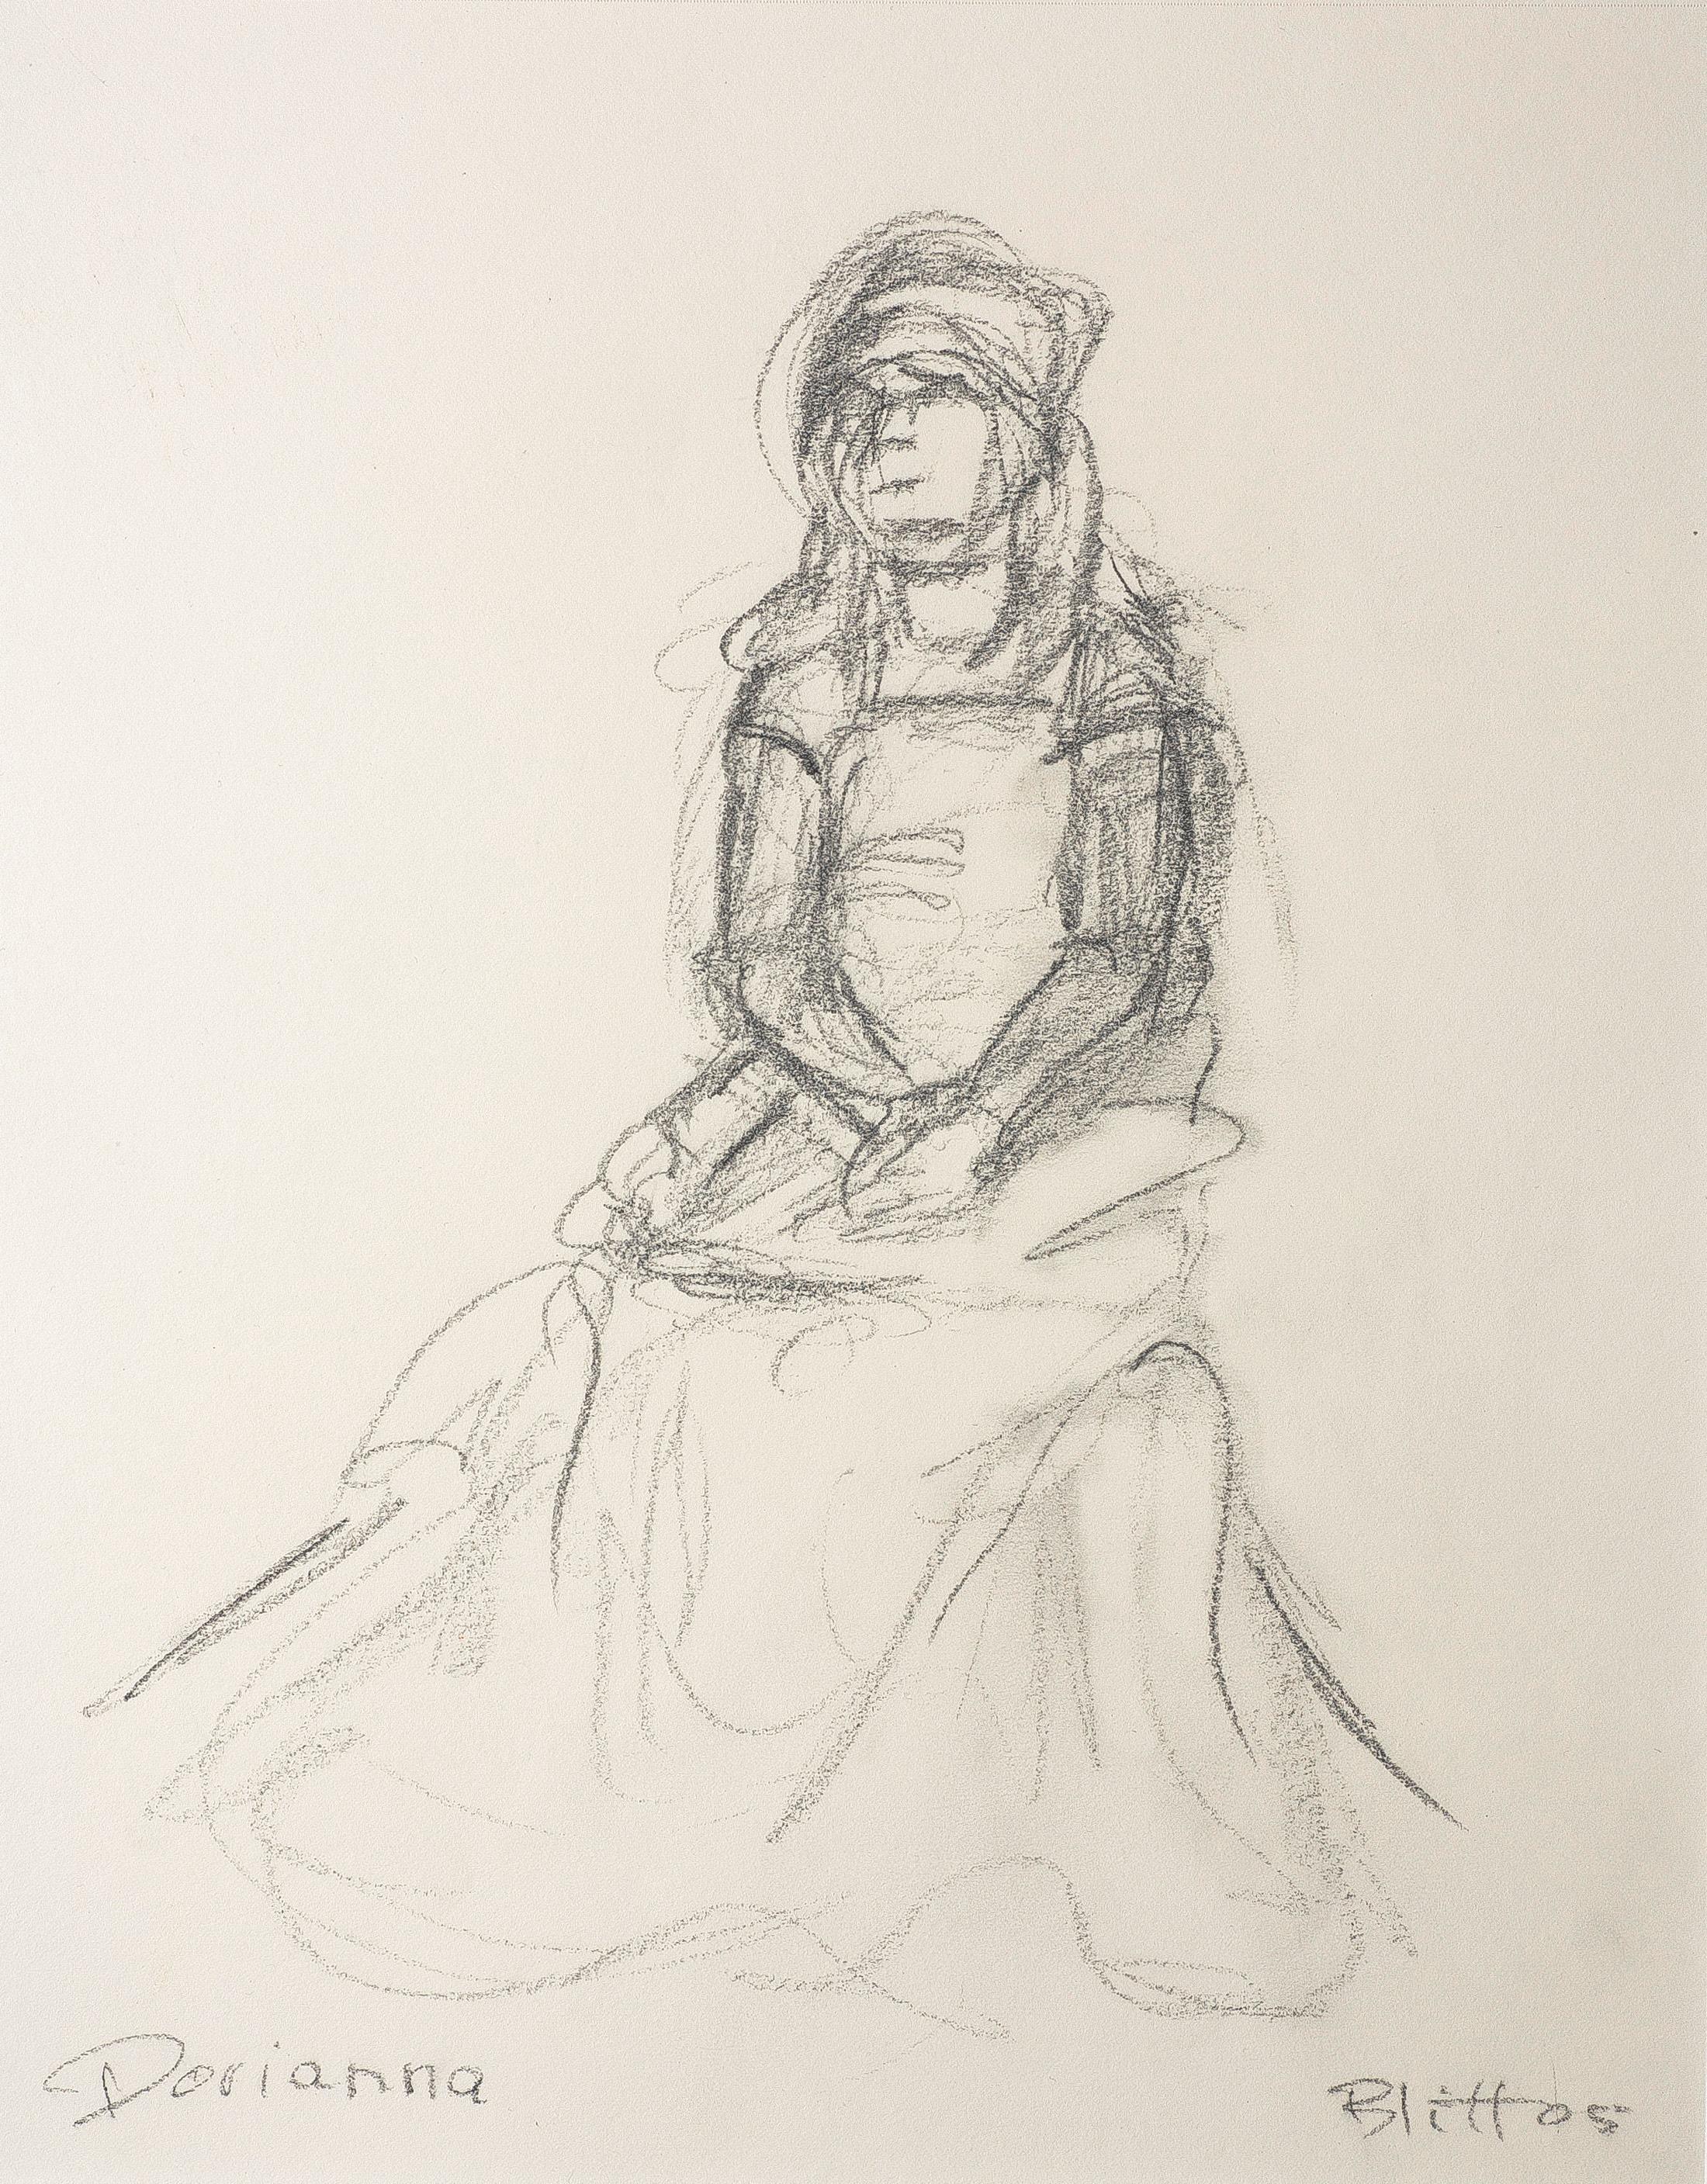 Dorianna  2005, pencil on paper, 14x11 in